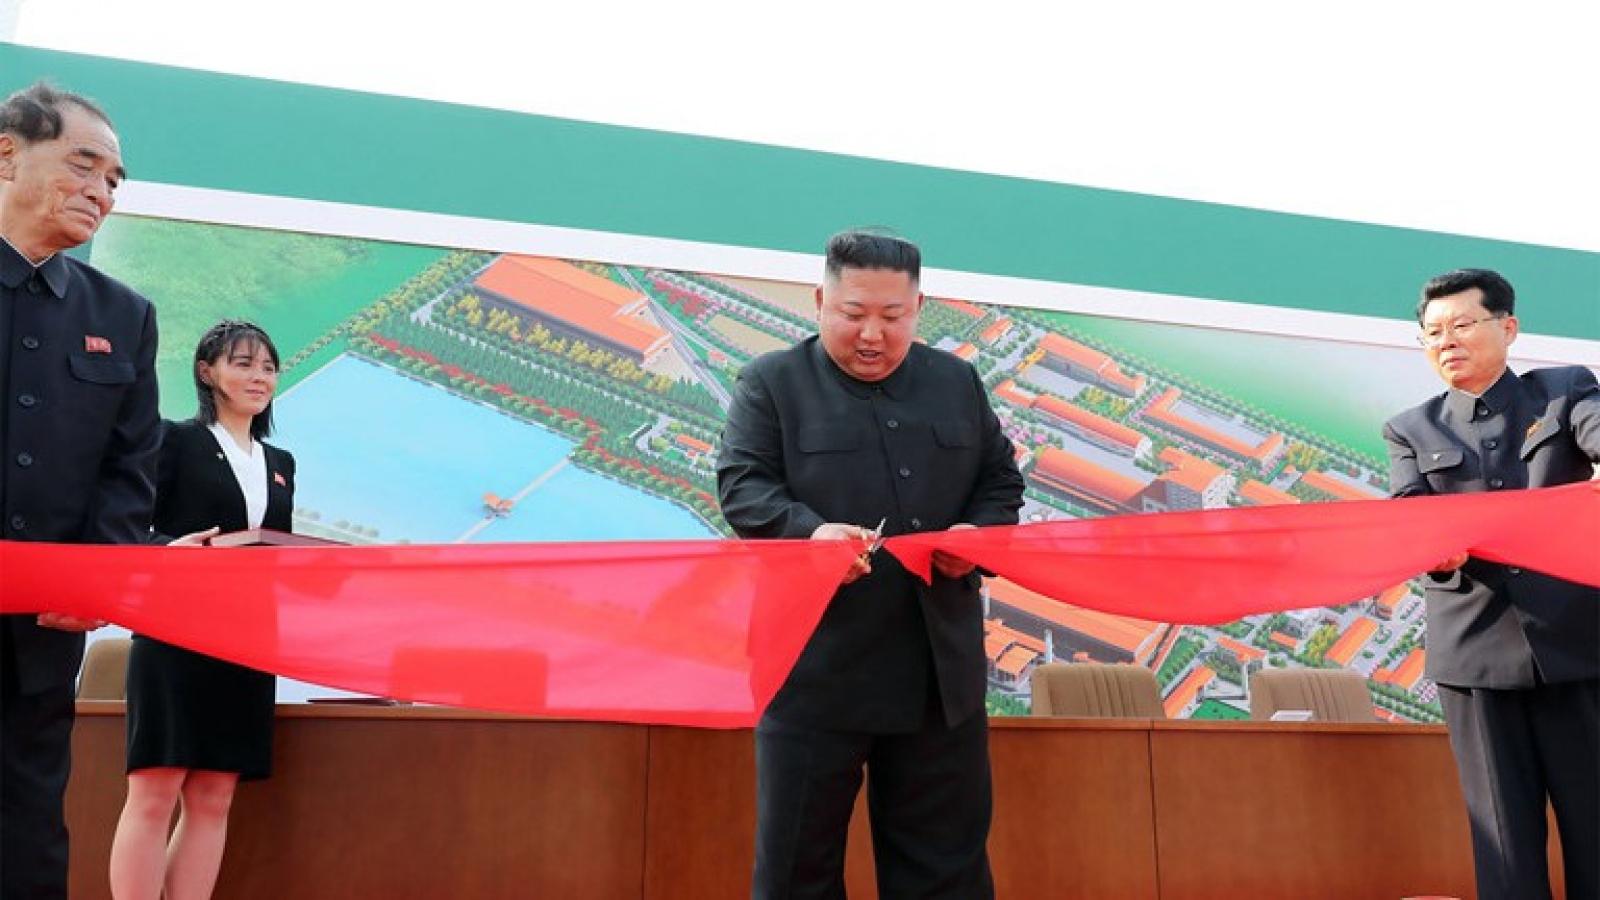 Tình báo Hàn Quốc thông tin về tình hình sức khỏe của ông Kim Jong-un